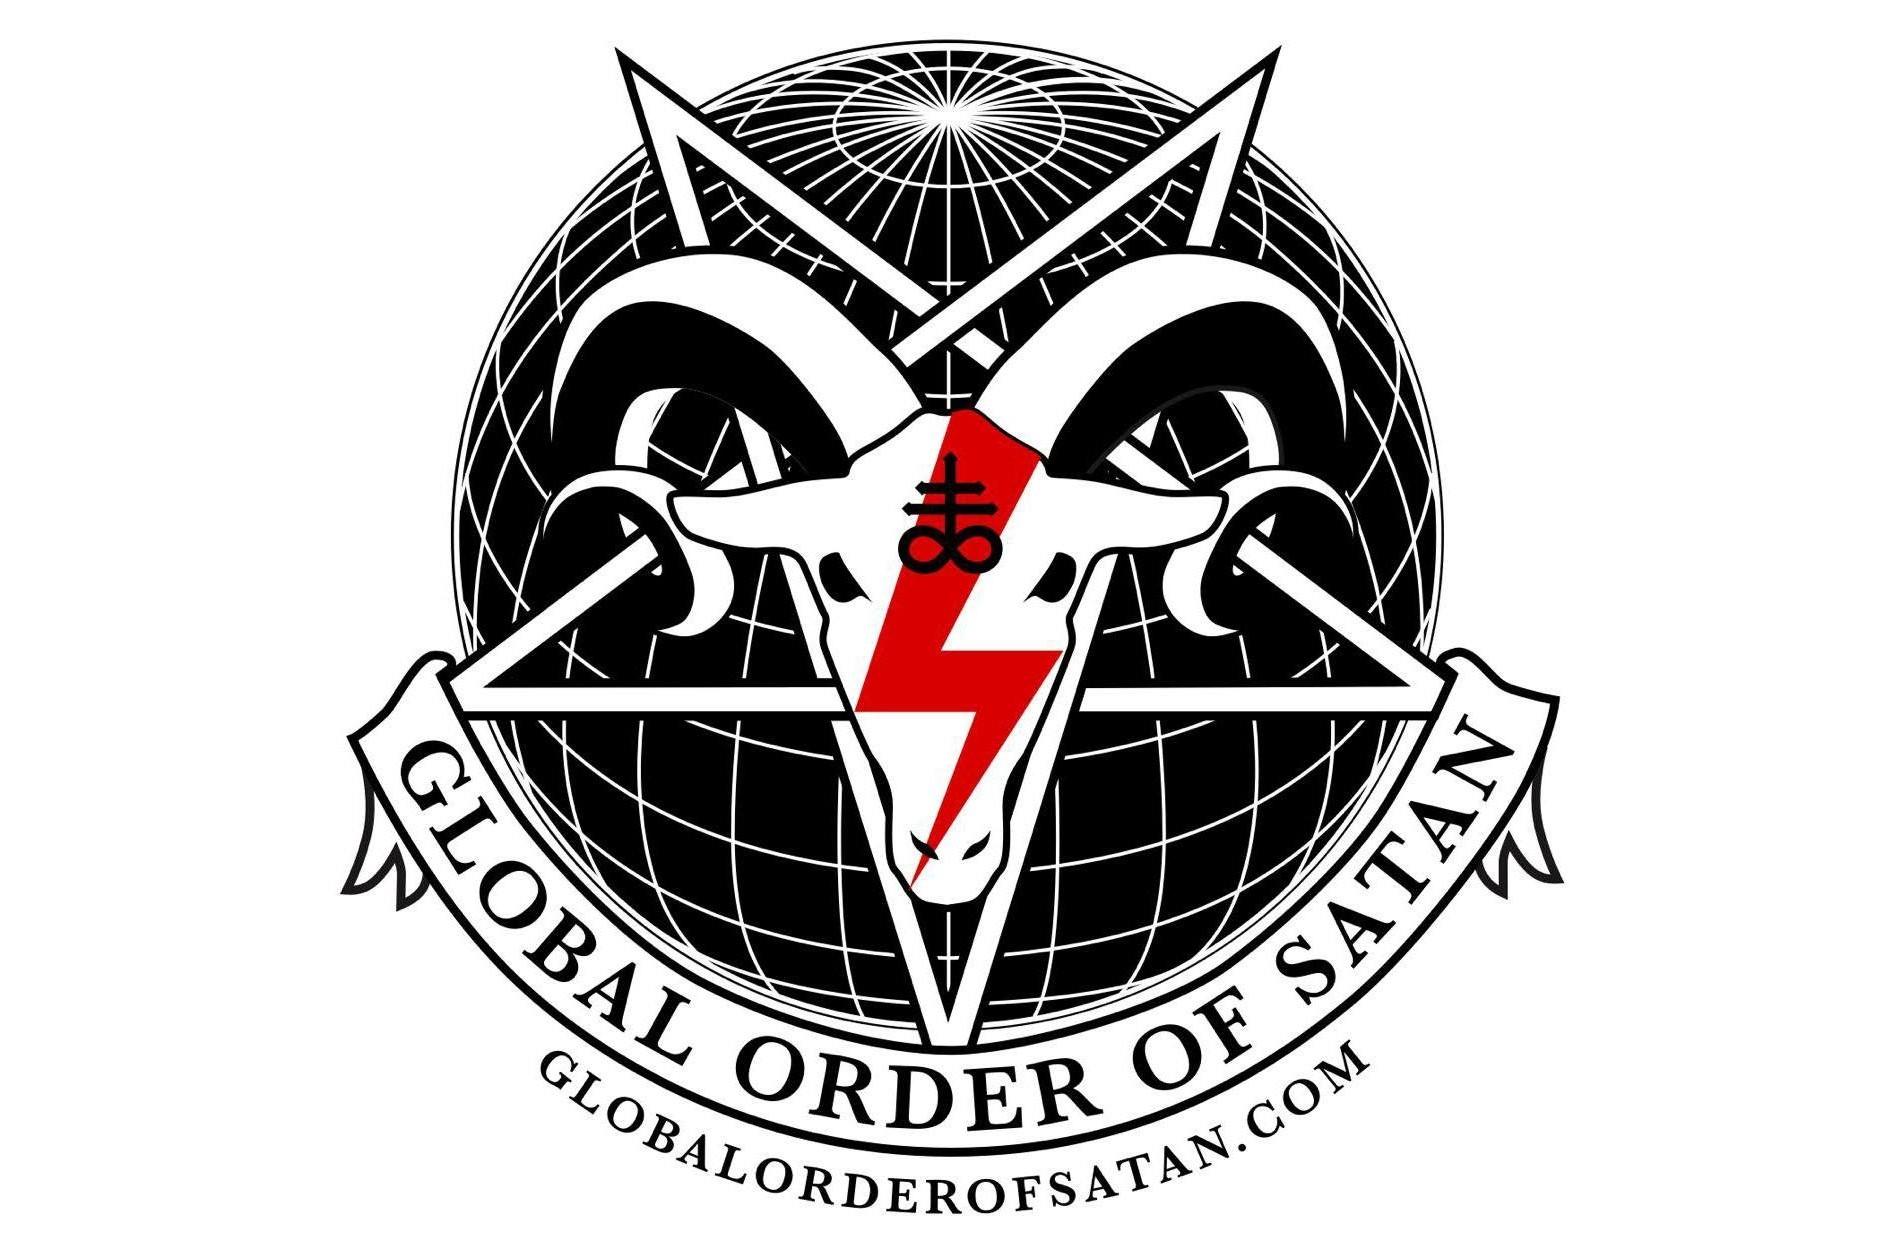 Order of Satan wspiera polskie kobiety wwalce oswoje prawa